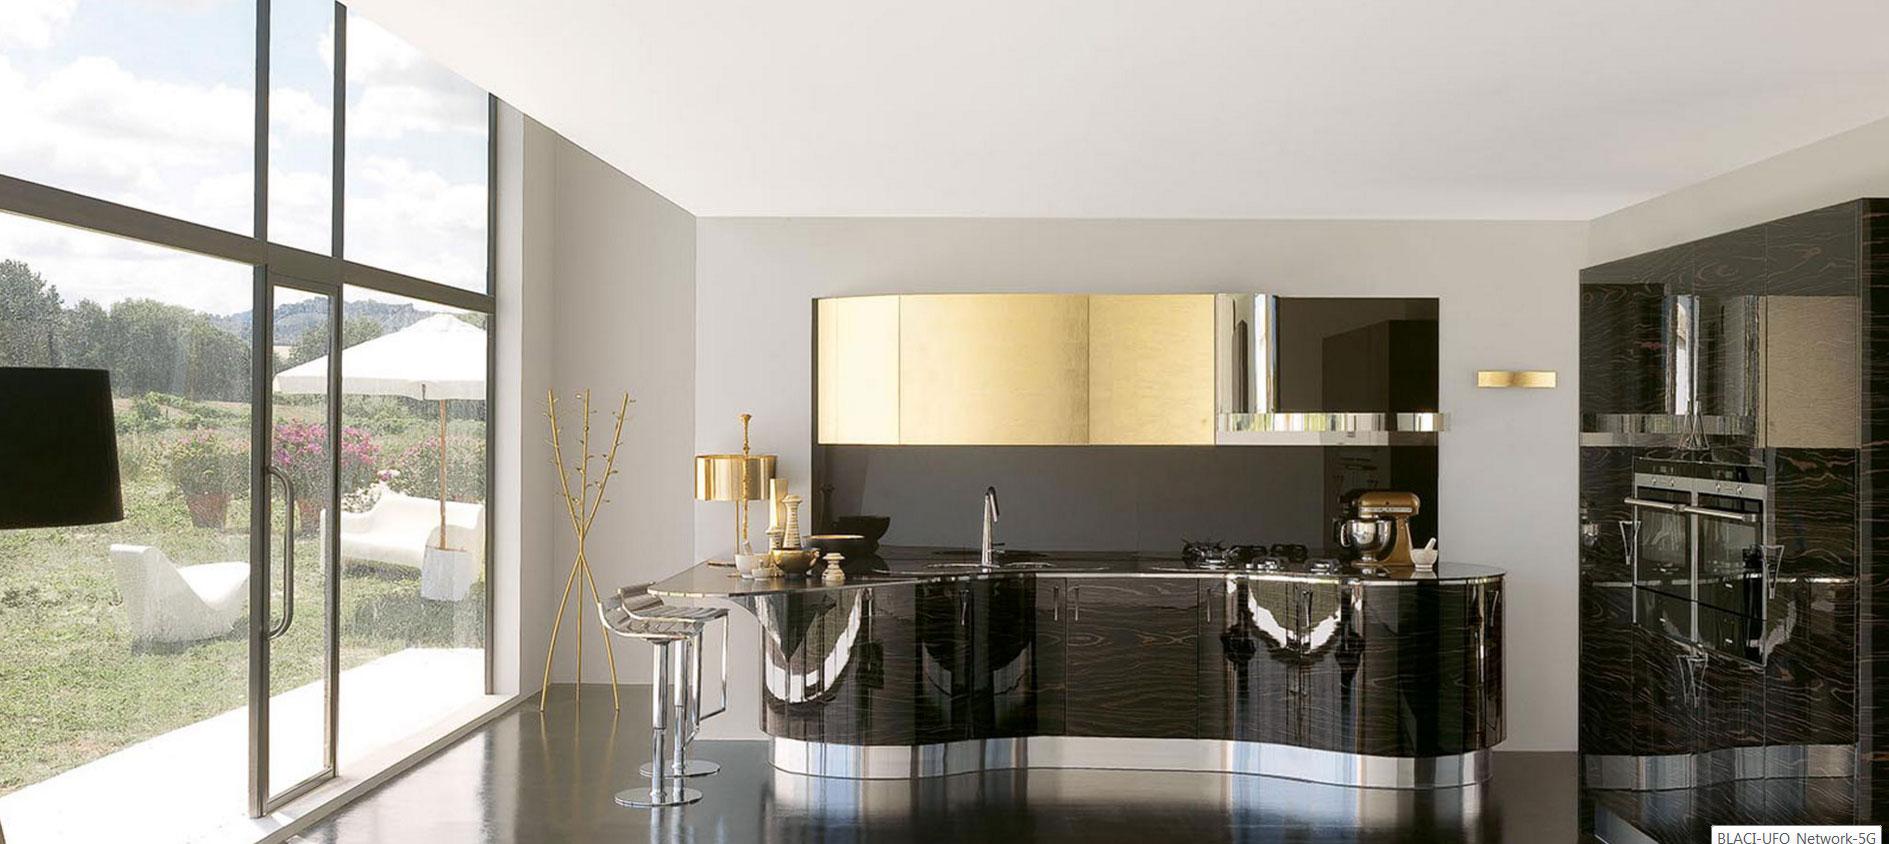 Modern lekerekített és fényes fekete konyhabútor